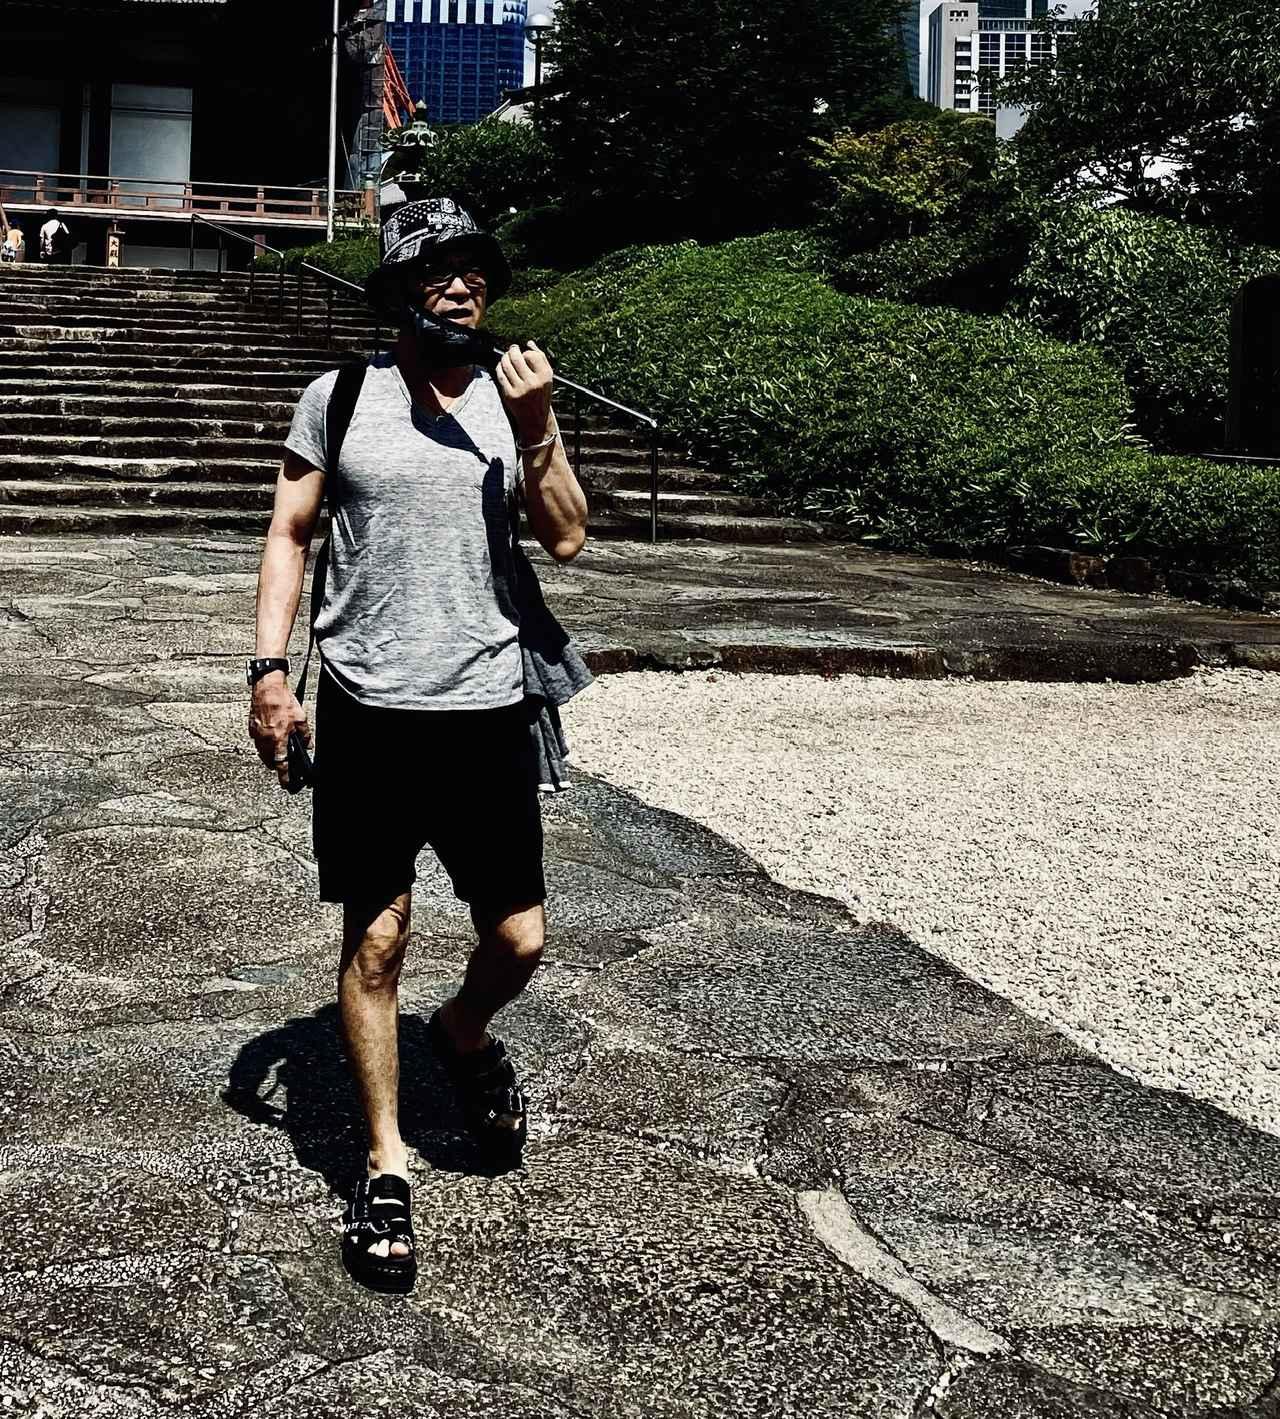 画像: 『ベケット』旅行先にギリシアでとんでもない事件に巻き込まれる悲運の男